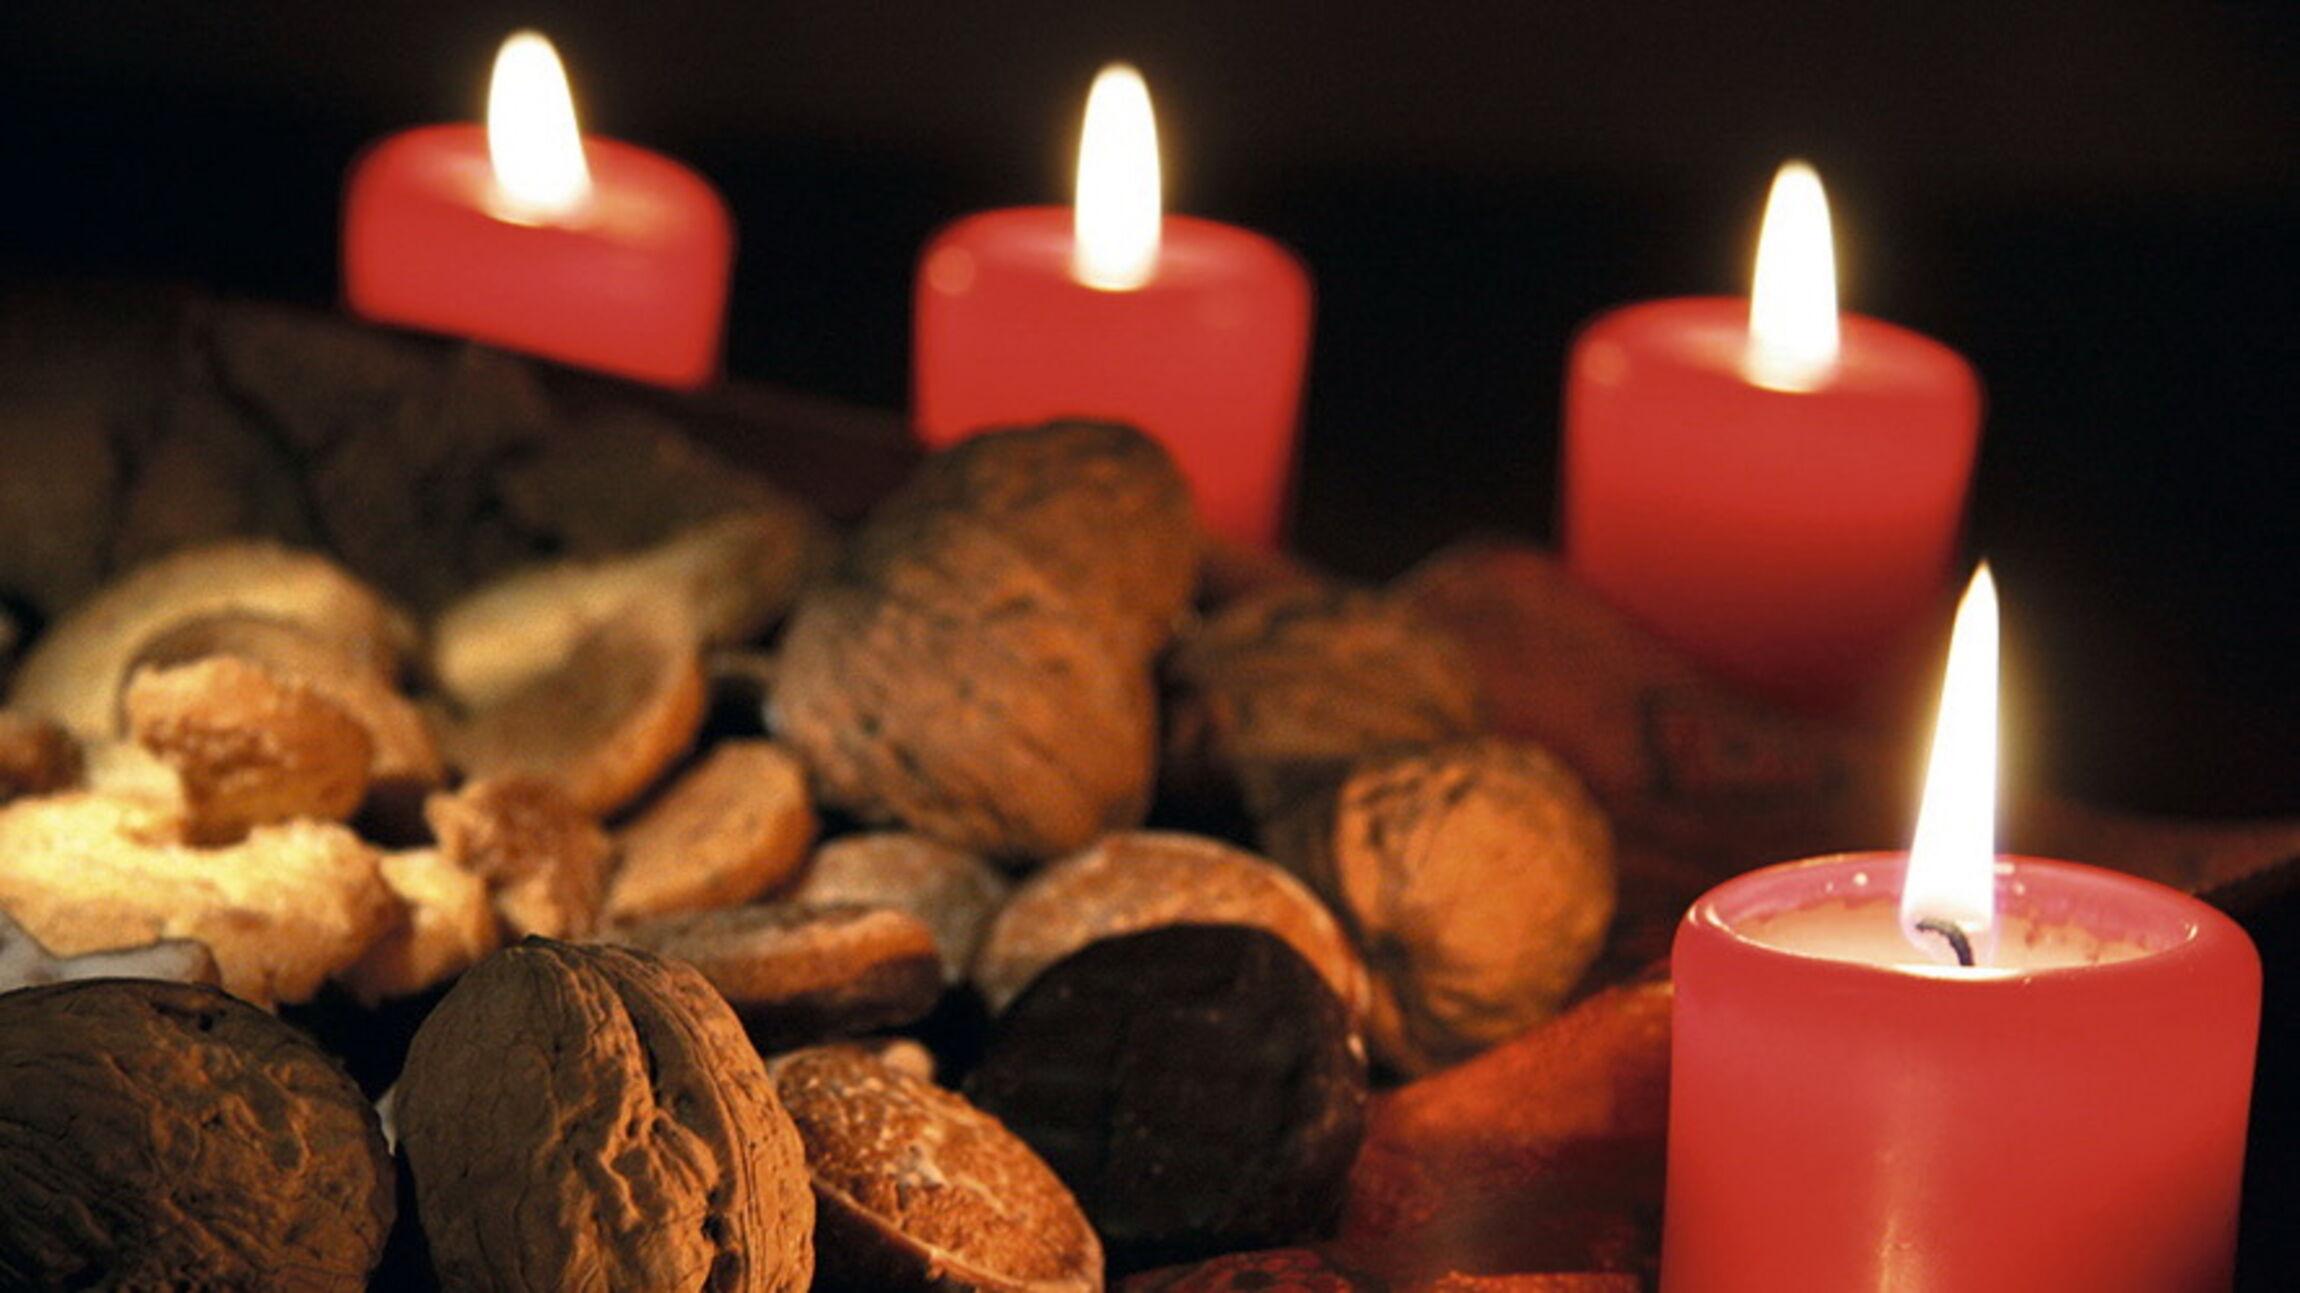 Adventskranz mit 4 Kerzen